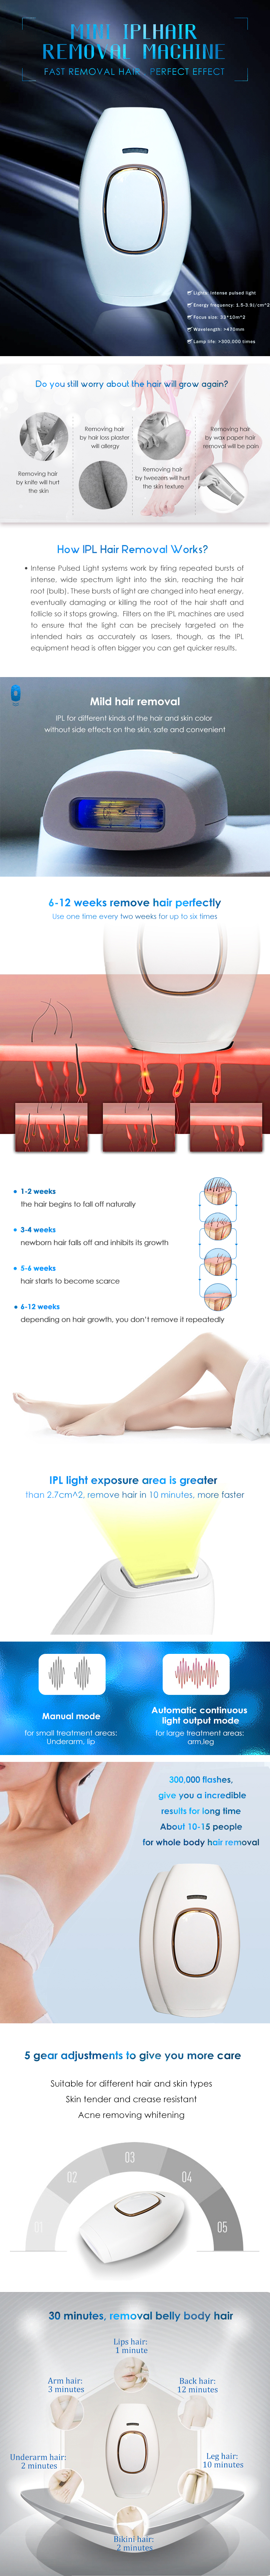 Anybeauty 2020 uso domestico ipl rimozione dei capelli del laser, attrezzature di bellezza permanente del corpo lazer di rimozione dei capelli/rimozione dei capelli di ipl